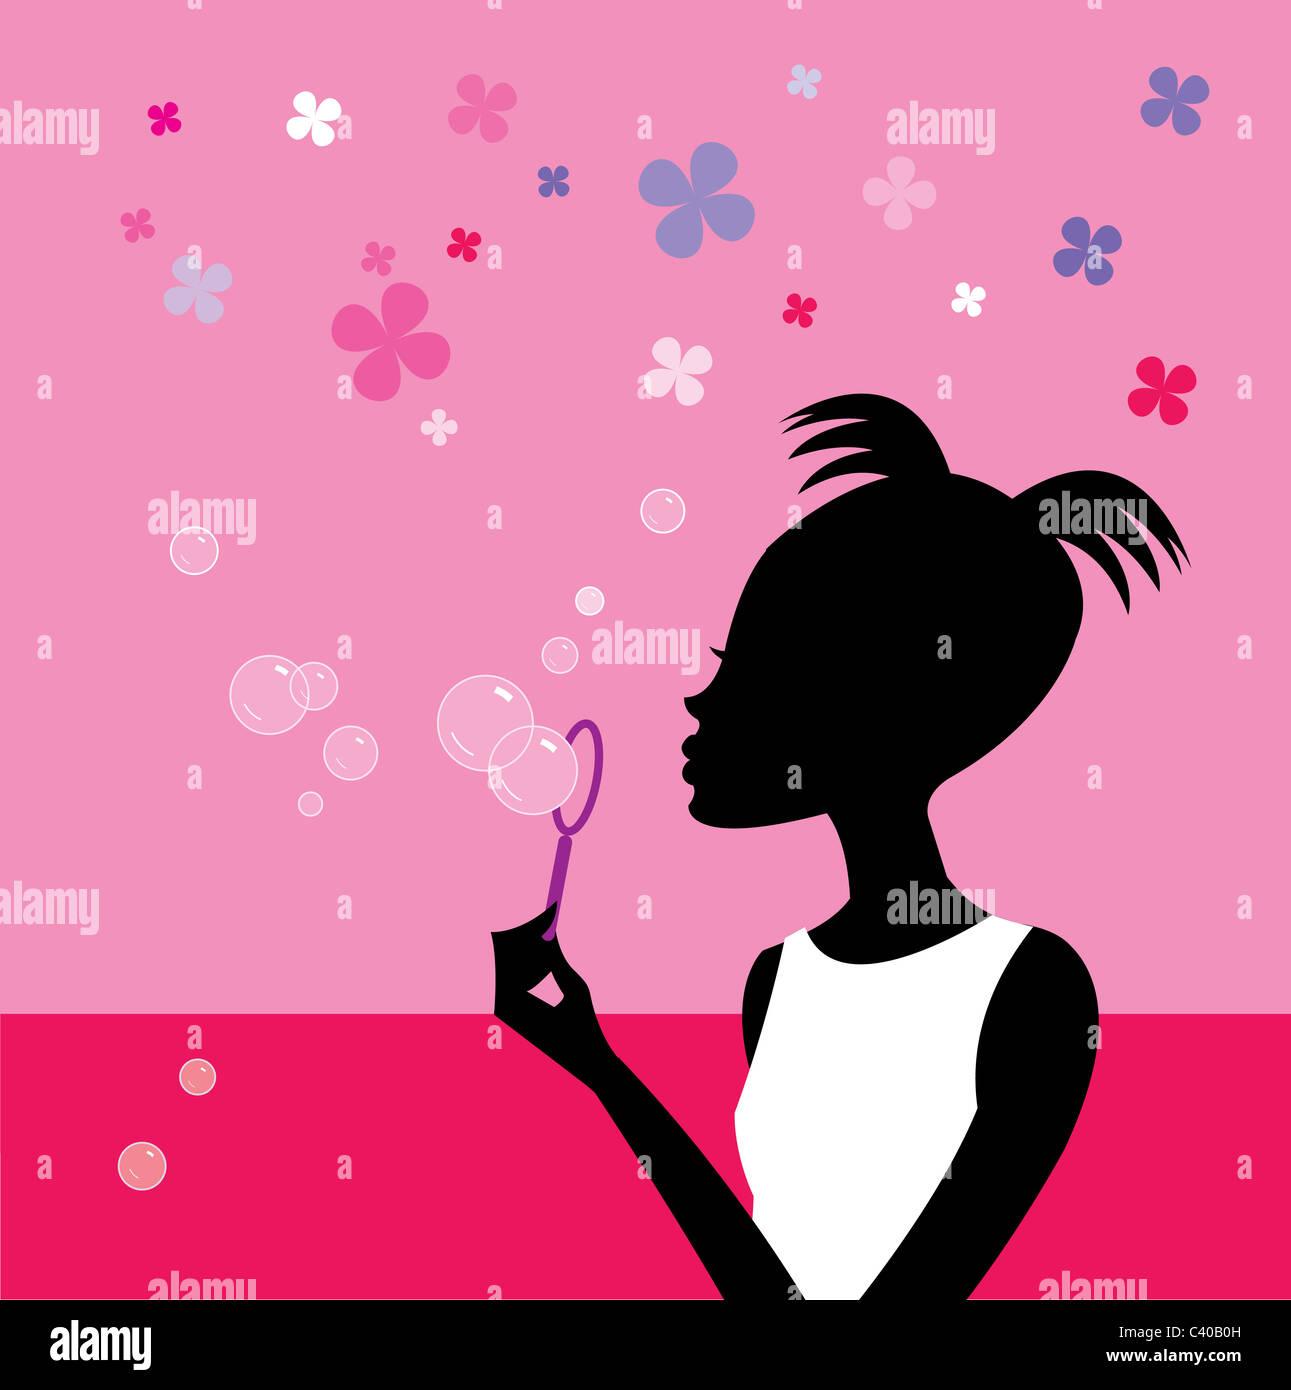 Ilustración de una mujer soplando burbujas Imagen De Stock